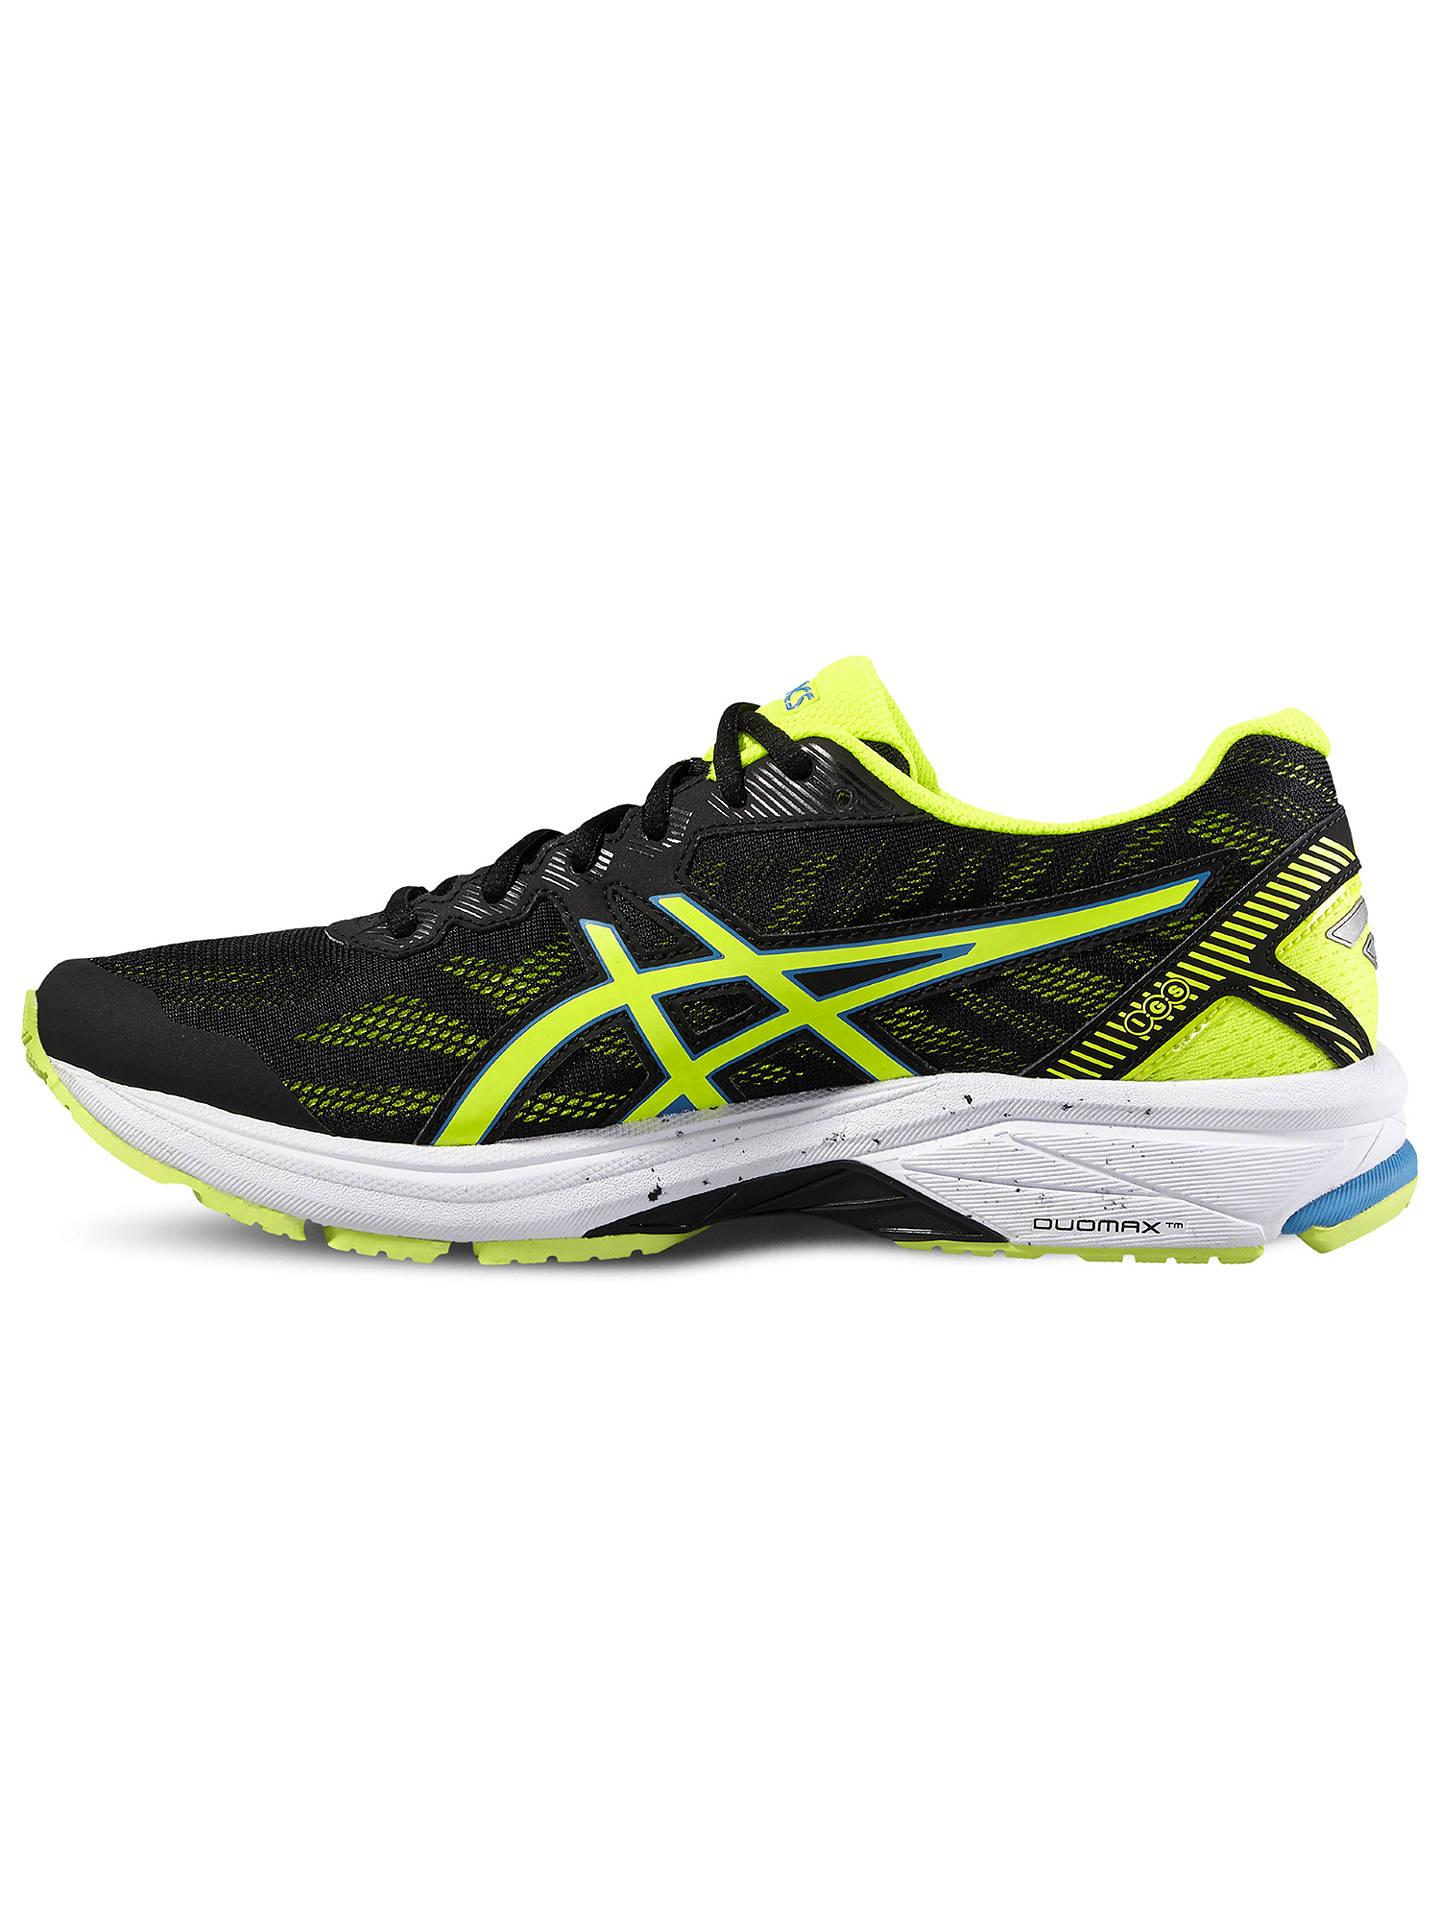 2c522955179f Buy Asics GT-1000 5 Men s Running Shoes